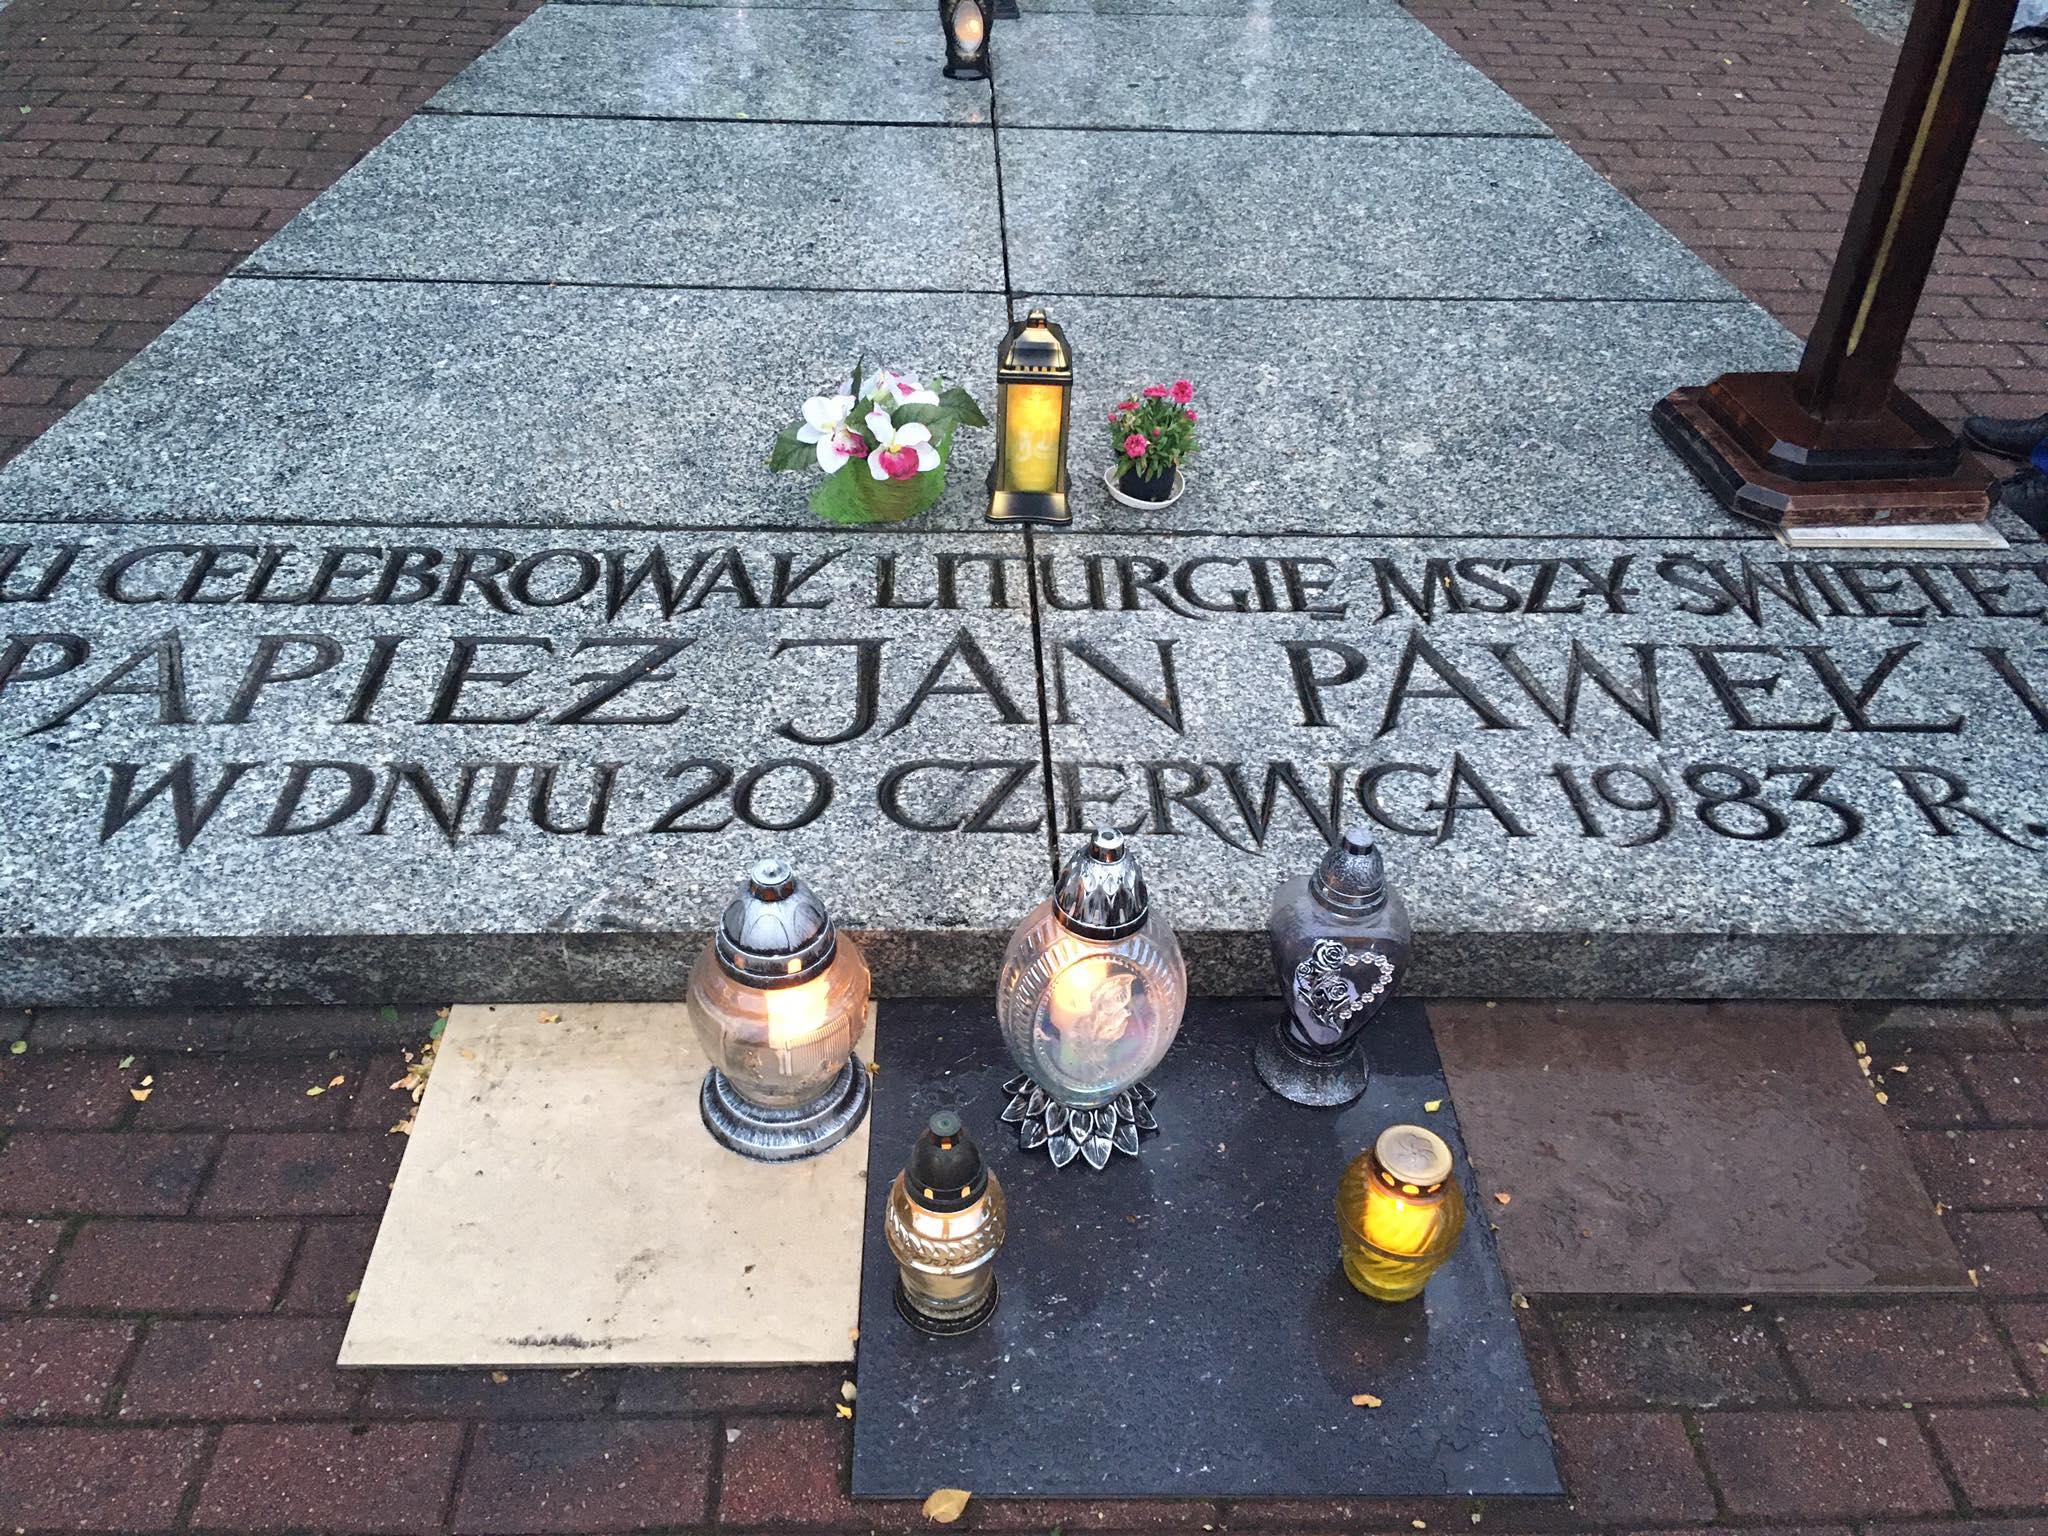 Uczcili 37. rocznicę papieskiej mszy świętej w Poznaniu łegi dębińskie - Jacek Butlewski